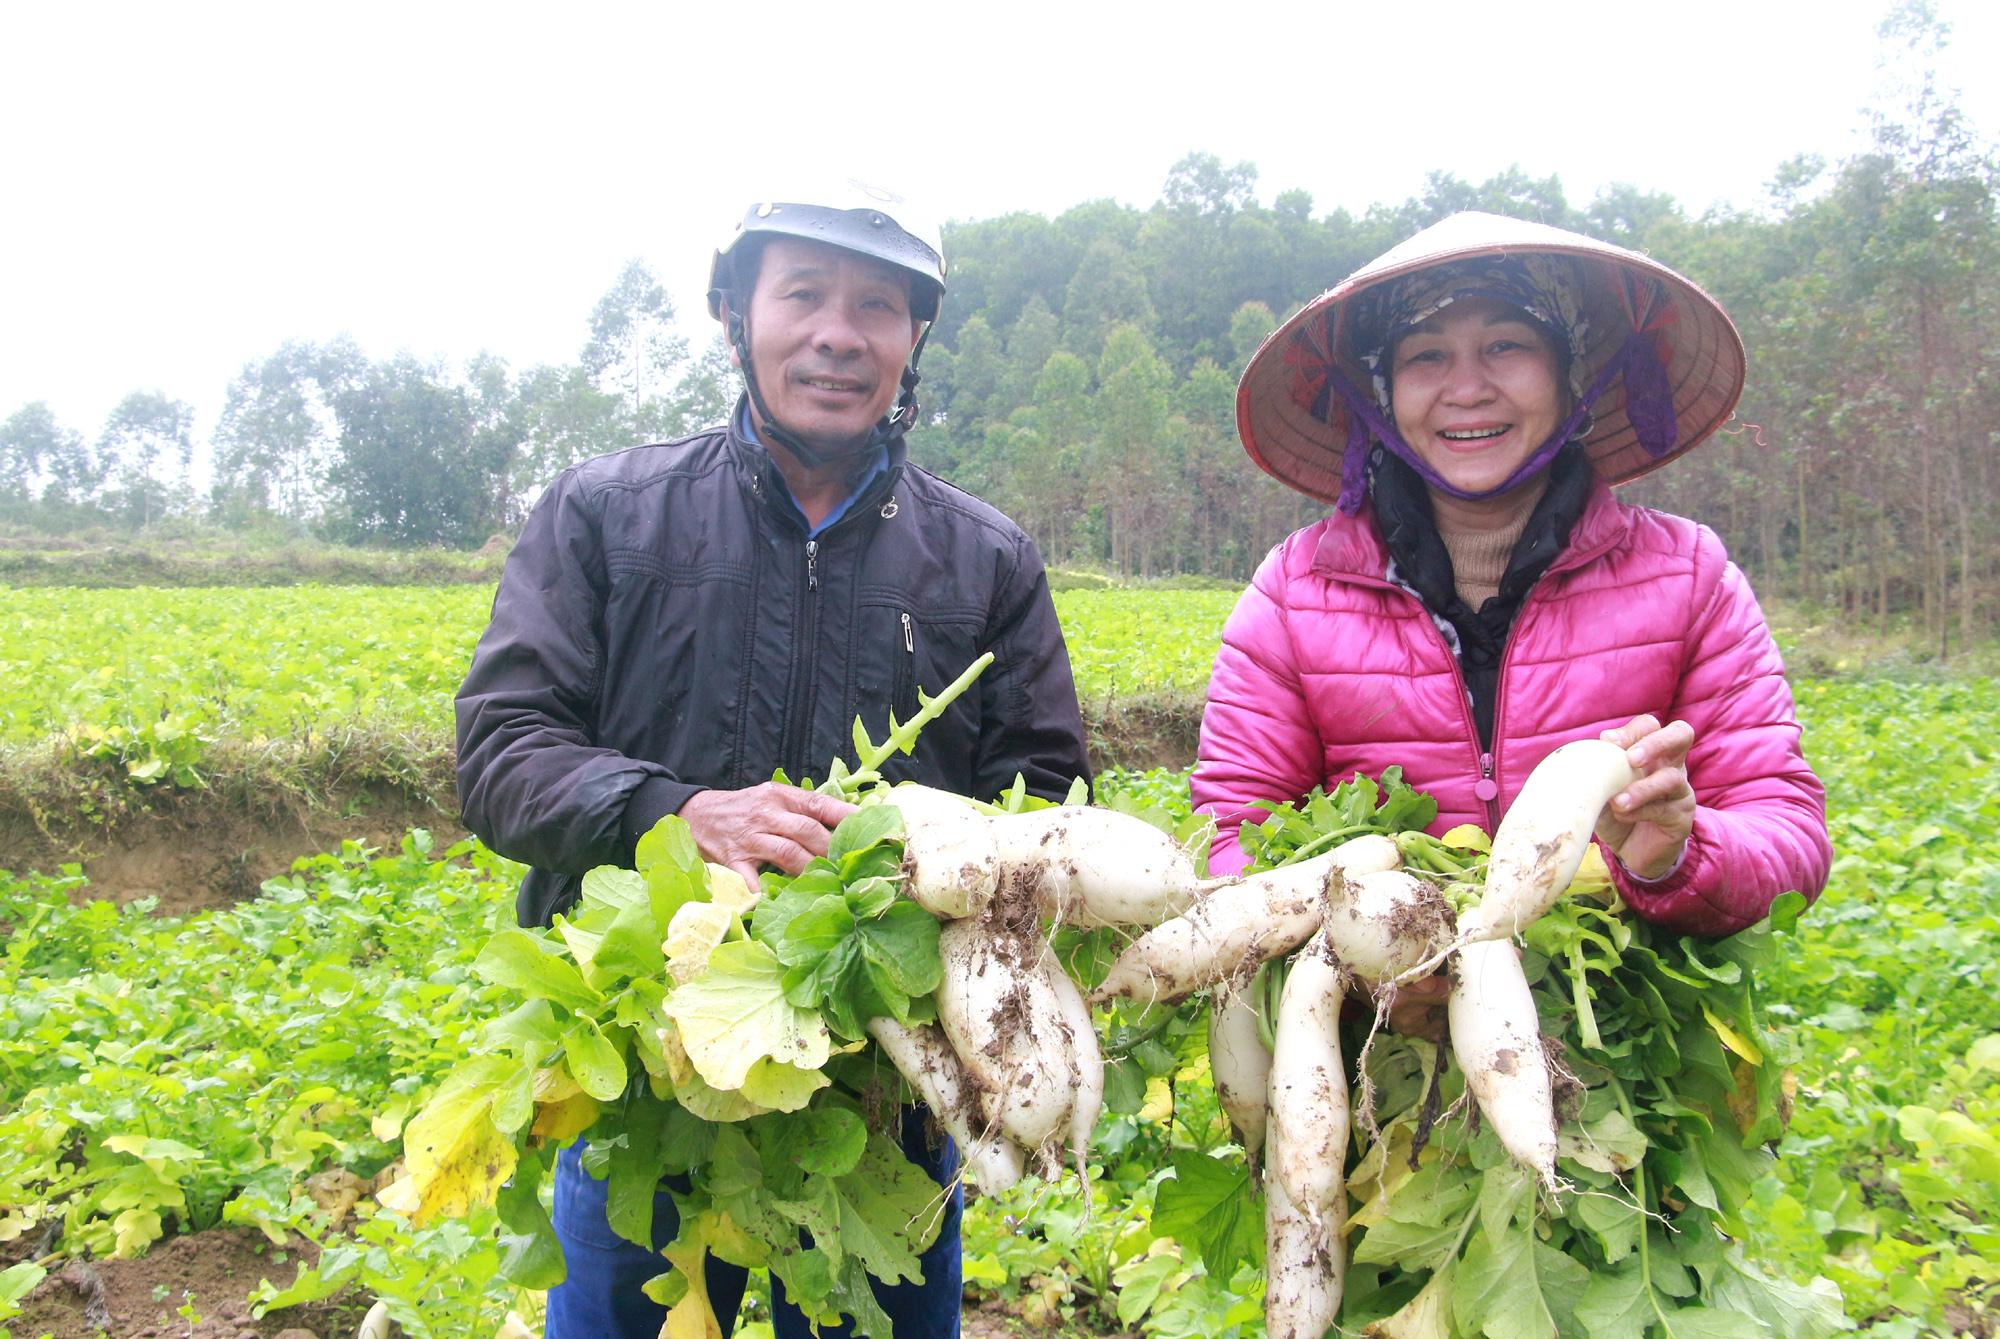 Củ cải tươi Đầm Hà trước khi lựa chọn mang sơ chế thành sản phẩm khô có củ to, sức chống chịu sâu bệnh tốt.